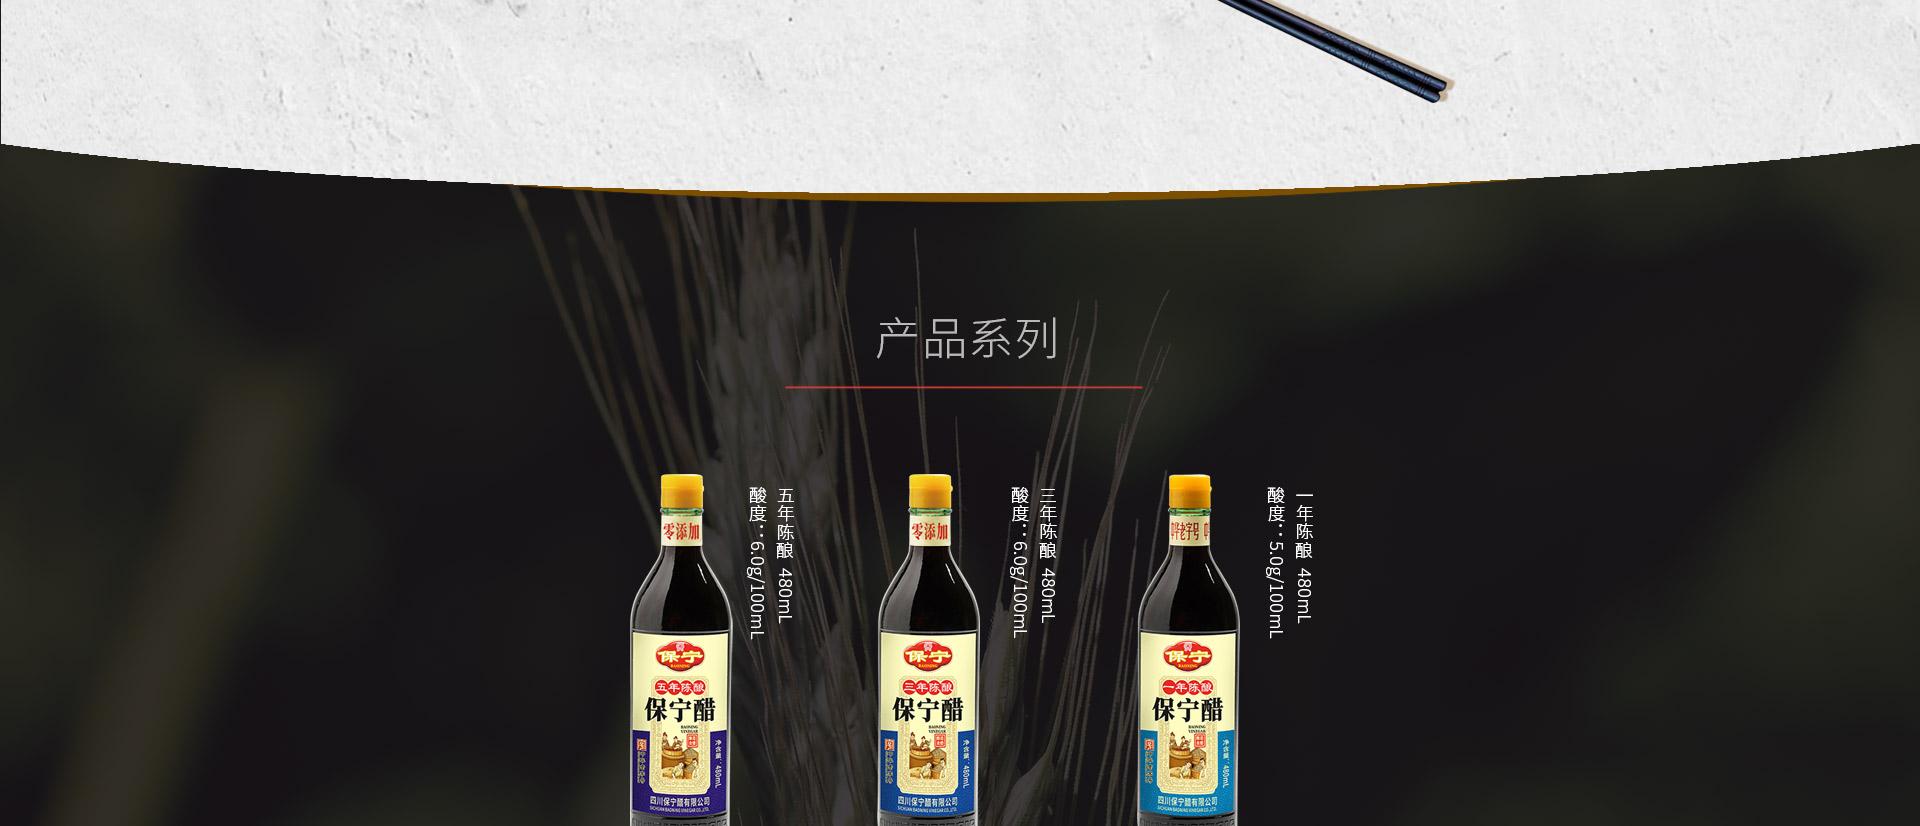 产品-陈酿_05.jpg